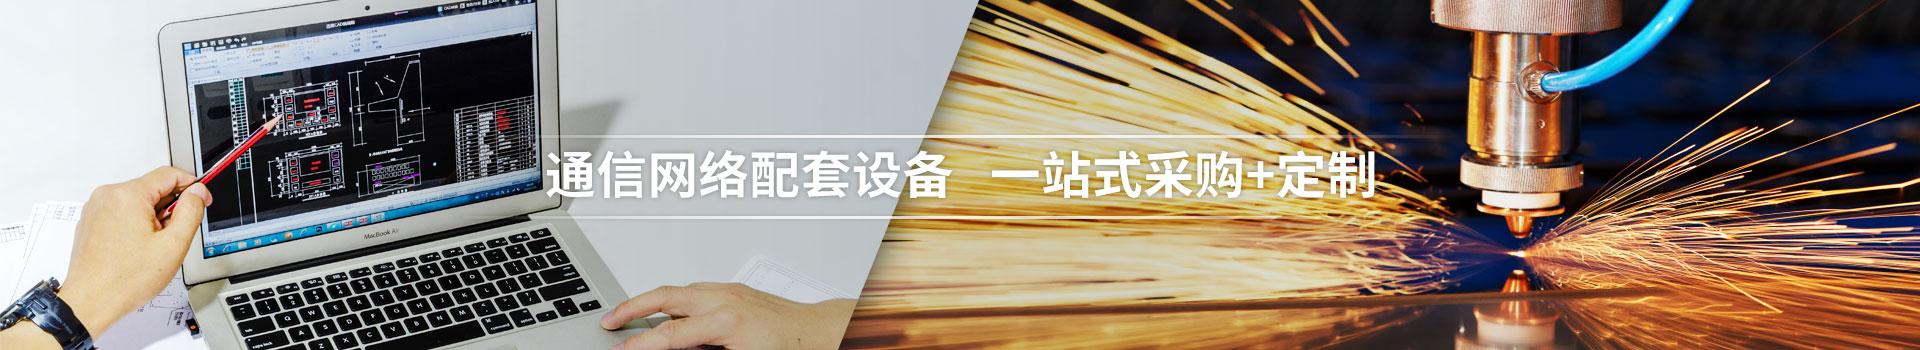 云茂通信设备网络配套设备,一站式采购+定制